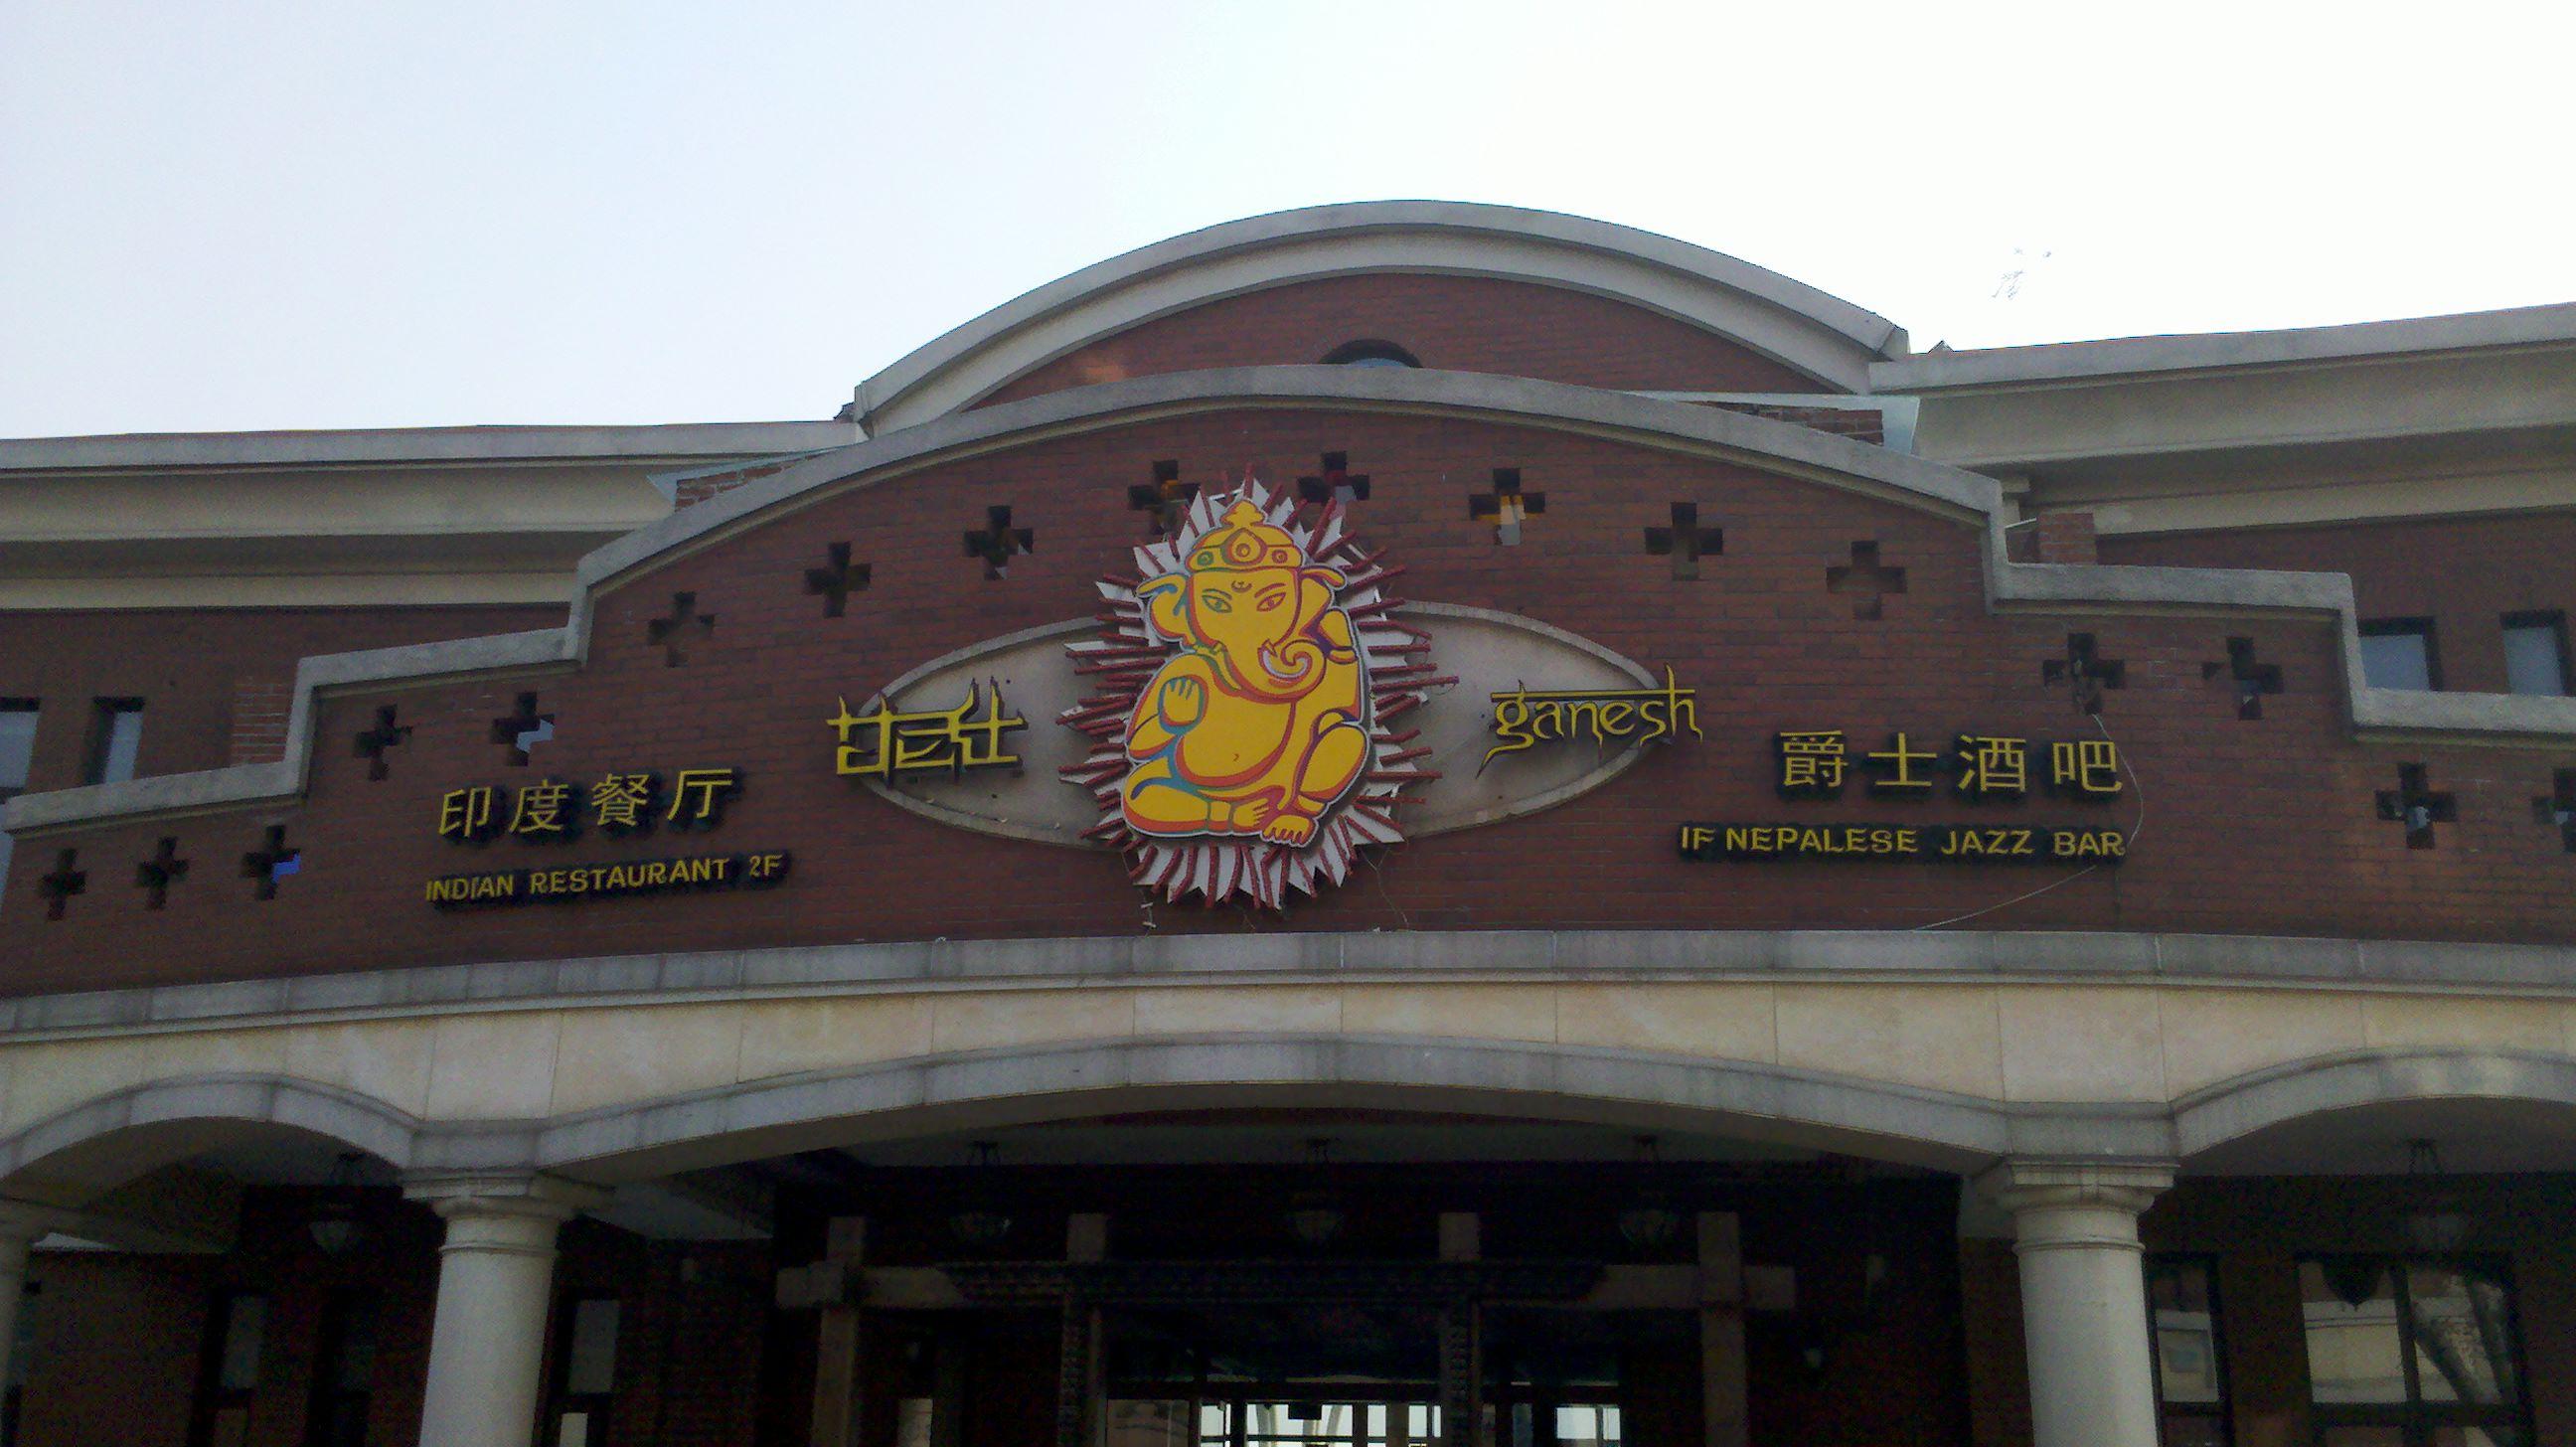 苏州甘尼仕餐饮管理亚博娱乐官方网首页